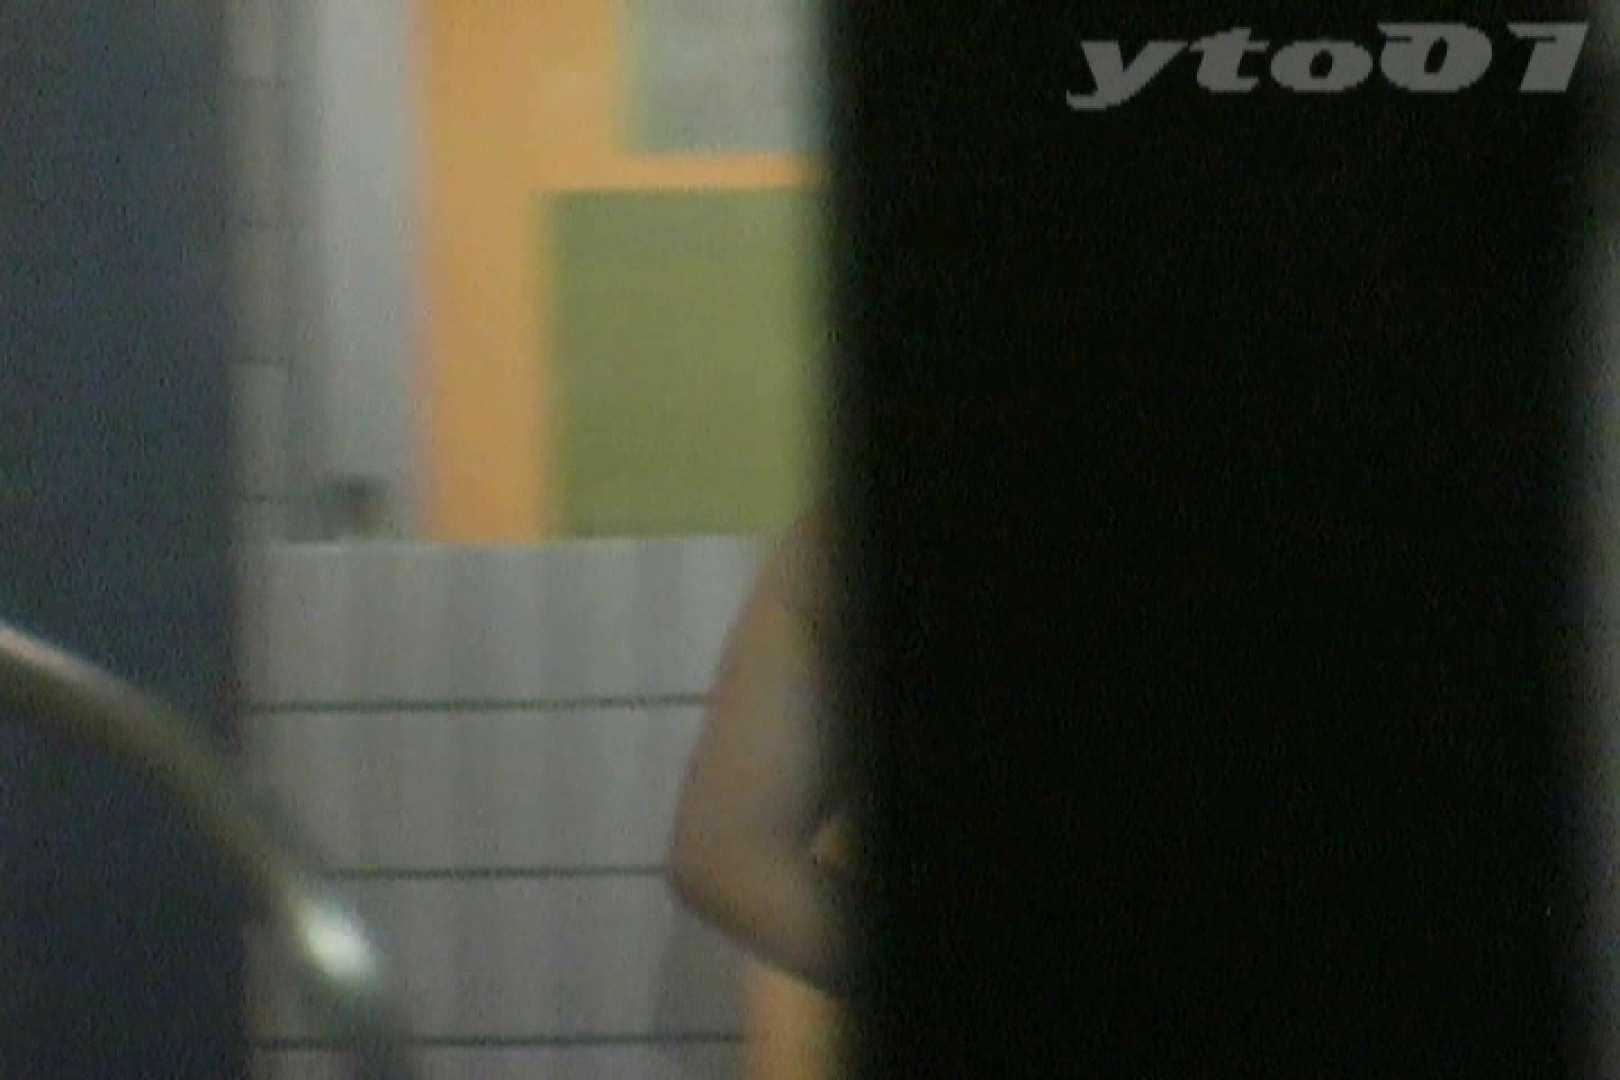 ▲復活限定▲合宿ホテル女風呂盗撮 Vol.05 期間限定 エロ無料画像 78PIX 10